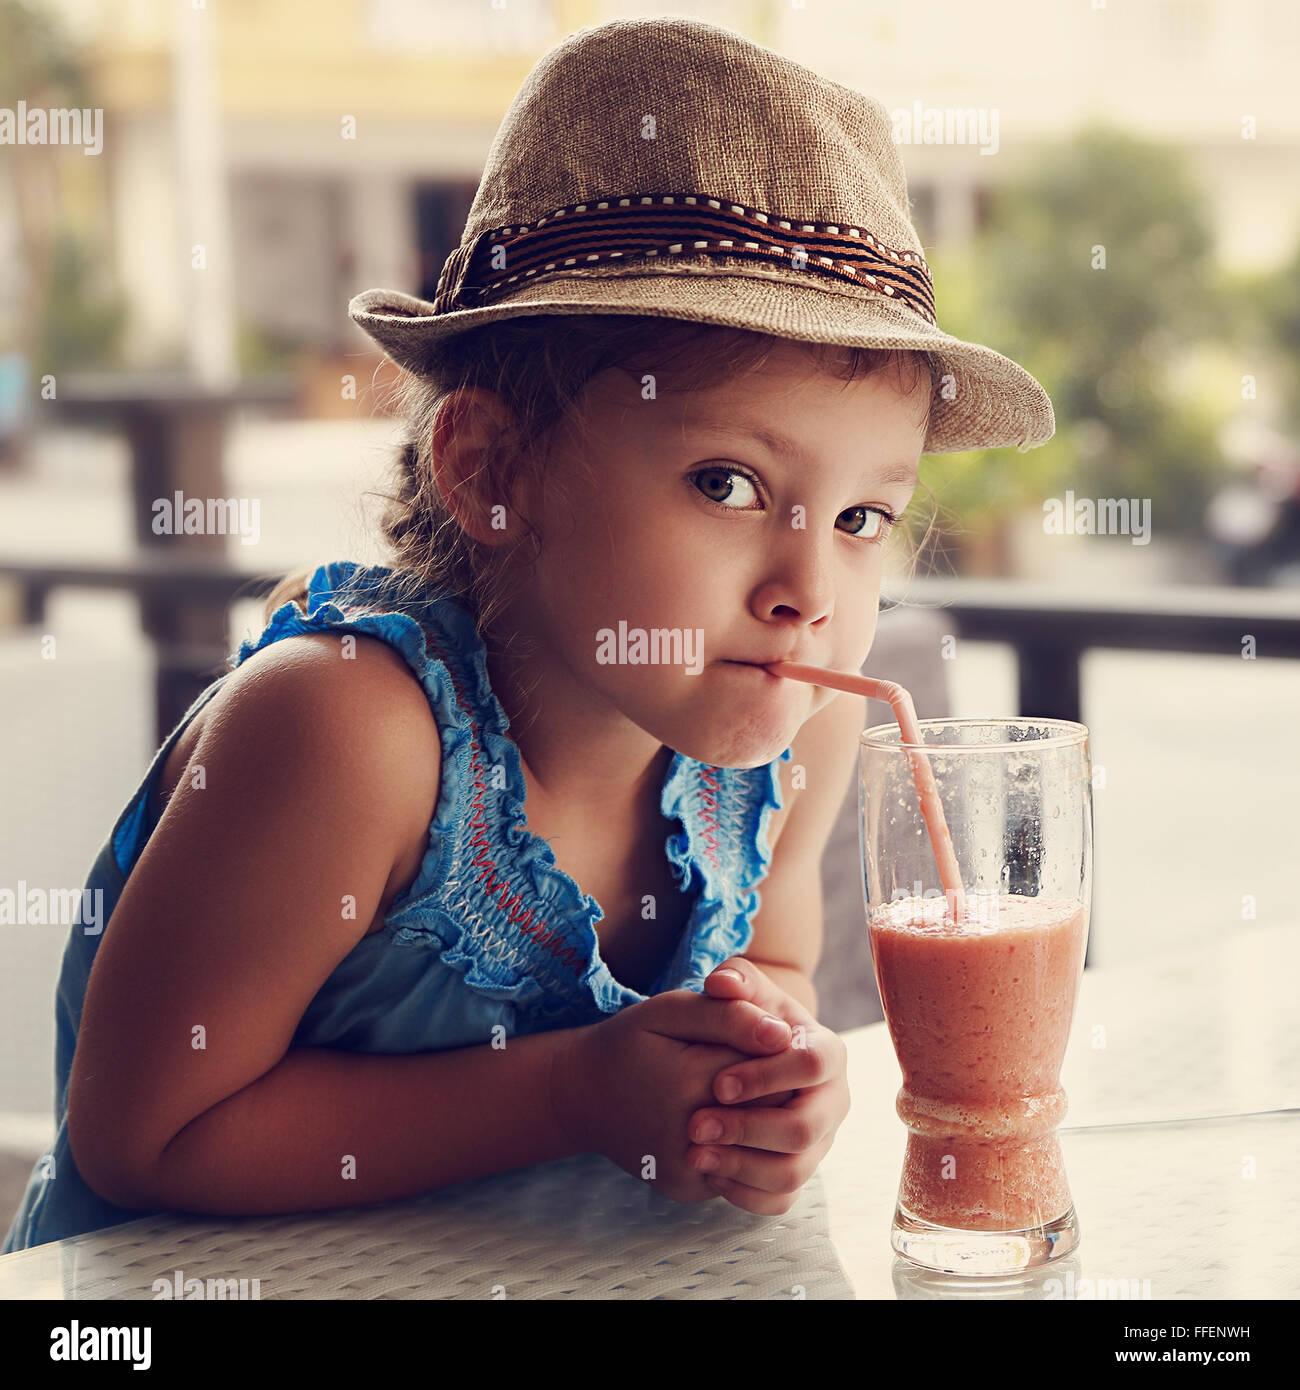 Relations sérieuses in cute kid curieux girl in hat boire le jus savoureux en été street cafe. Ton Photo Stock